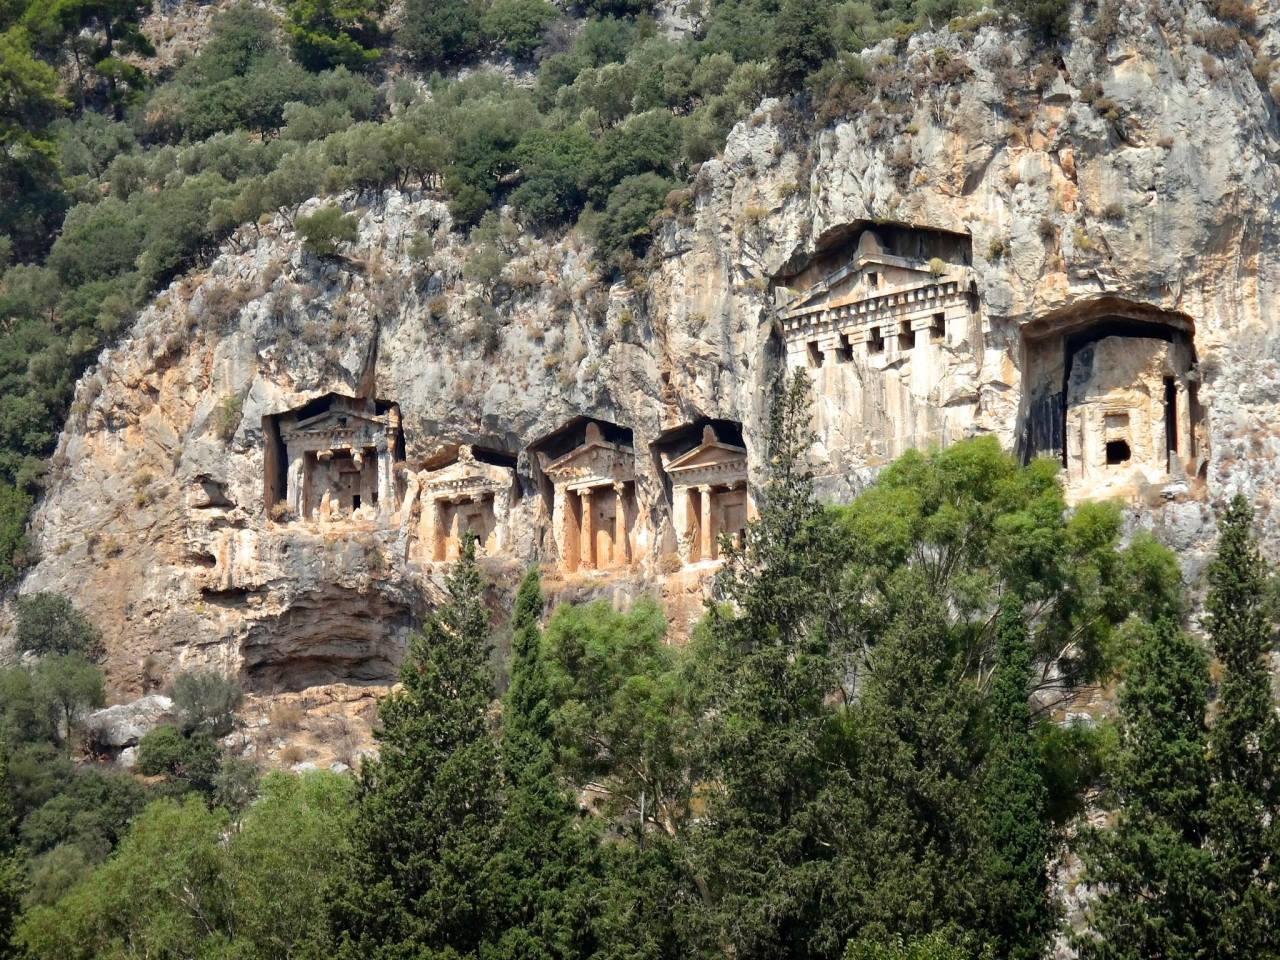 Des lieux à couper le souffle…  (Turquie) Pamukkale, Dalyan, Saklikent, Kalkan,  Myra, Antalya2014